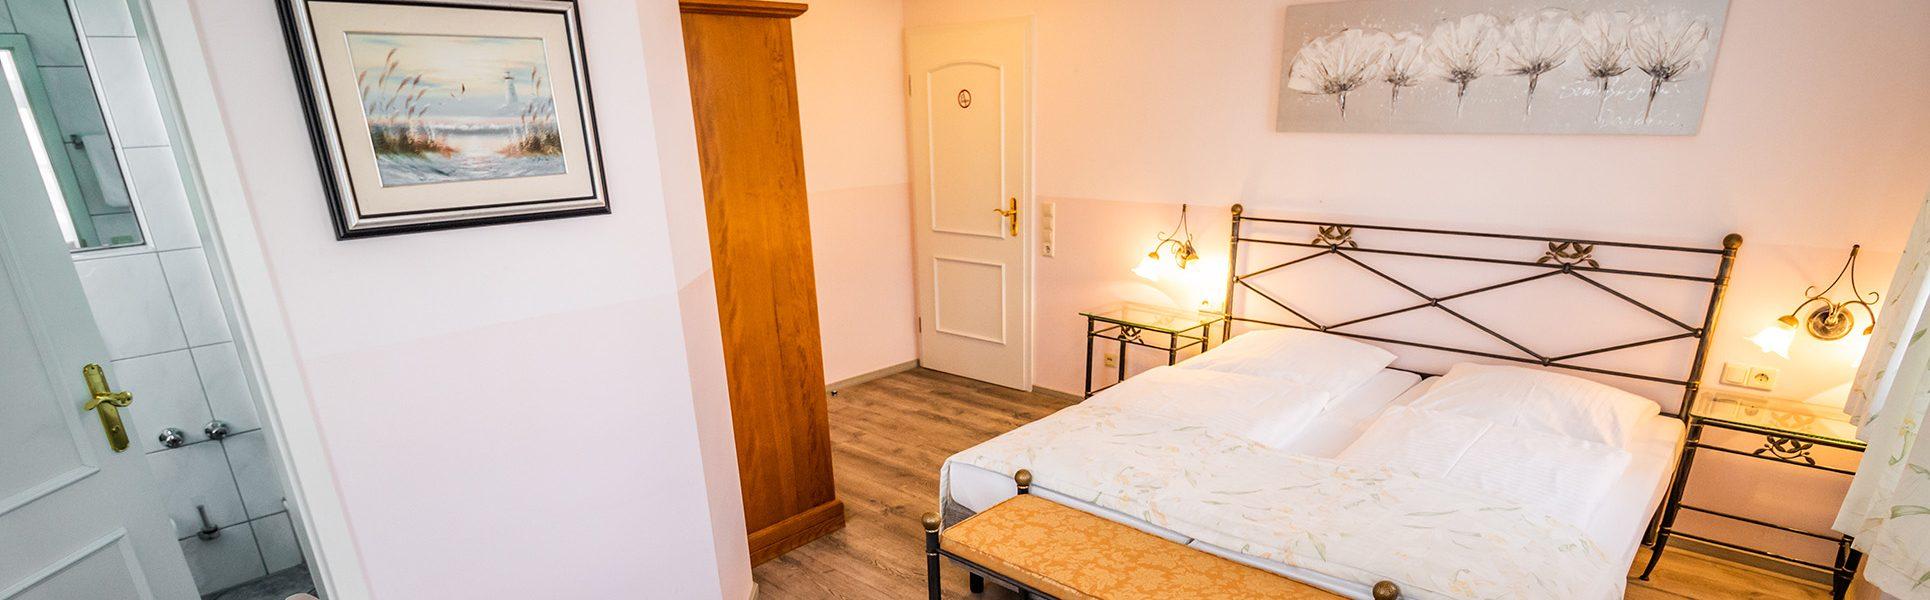 Hotel Rössle Weingarten Doppelzimmer